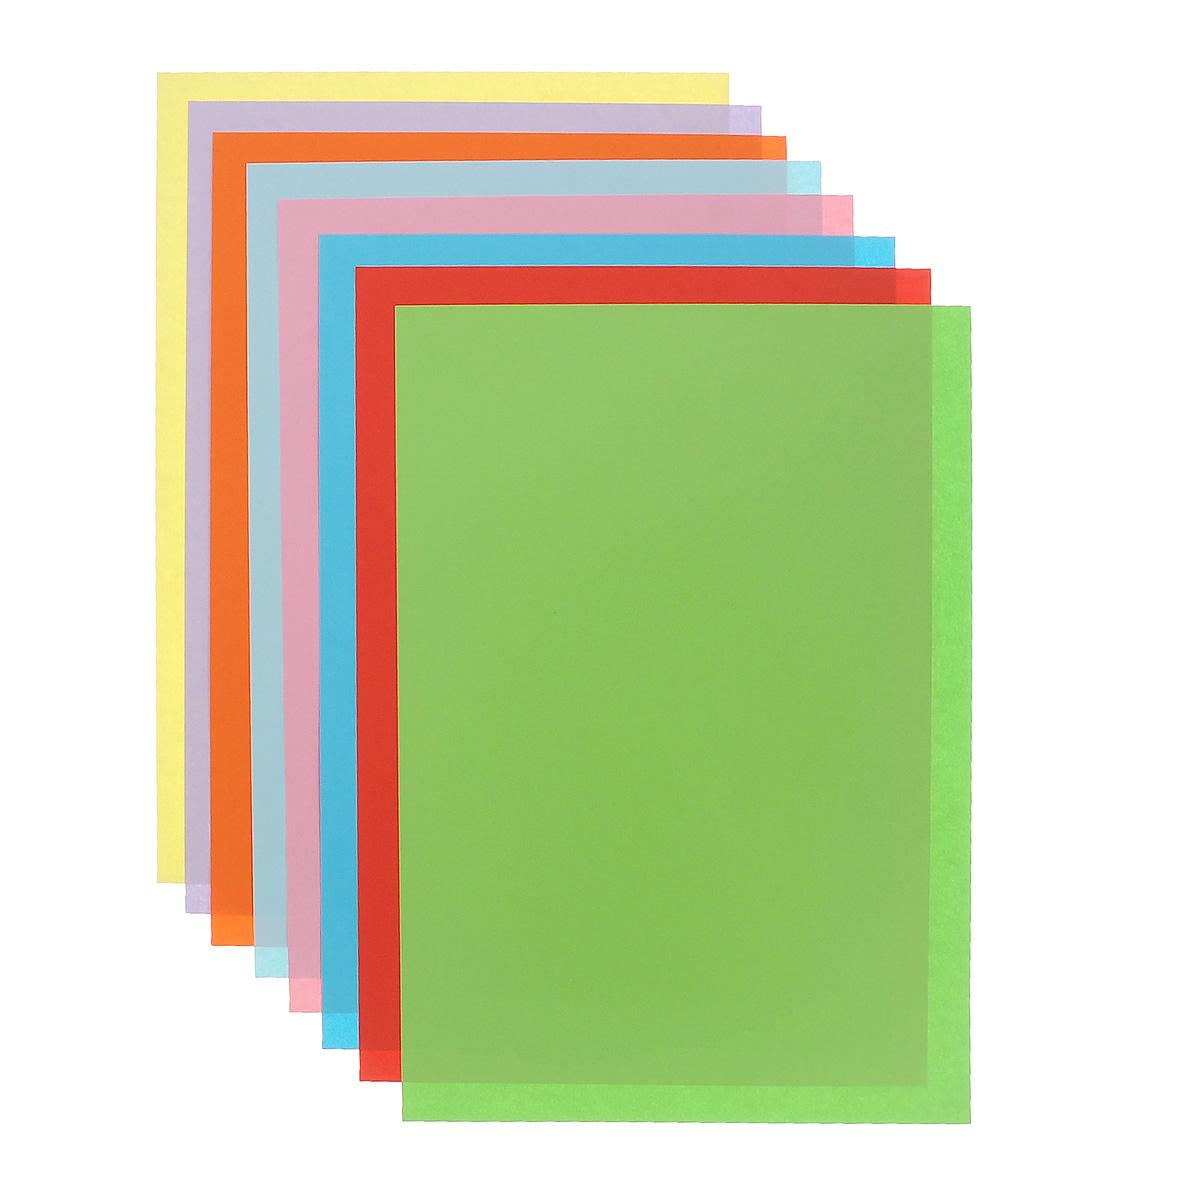 Цветная бумага Hatber Barbie, двухсторонняя, 8 цветов8Бц4т_12858Набор двухсторонней бумаги Barbie идеально подойдет для детского творчества. В набор входят 8 листов бумаги разных цветов: оранжевого, светло-голубого, розового, голубого, салатового, красного, сиреневого, желтого. Широта возможностей применения такой бумаги приятно удивит самого взыскательного малыша.Бумага упакована в картонную папку, оформленную изображением русалки Барби. На внутреннем развороте папке расположен рисунок, который малышка сможет раскрасить самостоятельно.